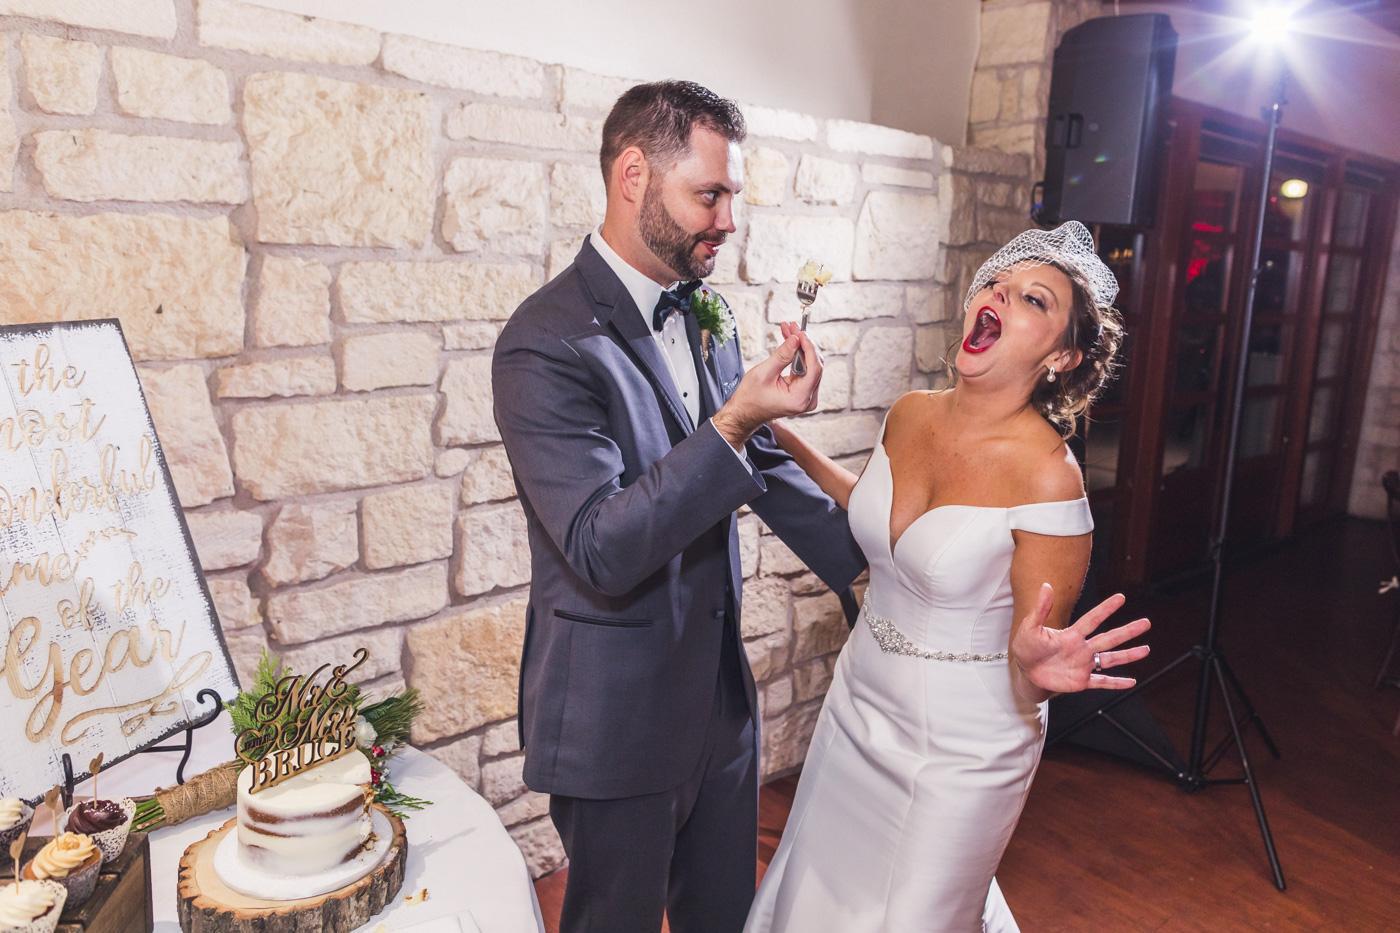 hilarious-cake-cutting-at-wedding